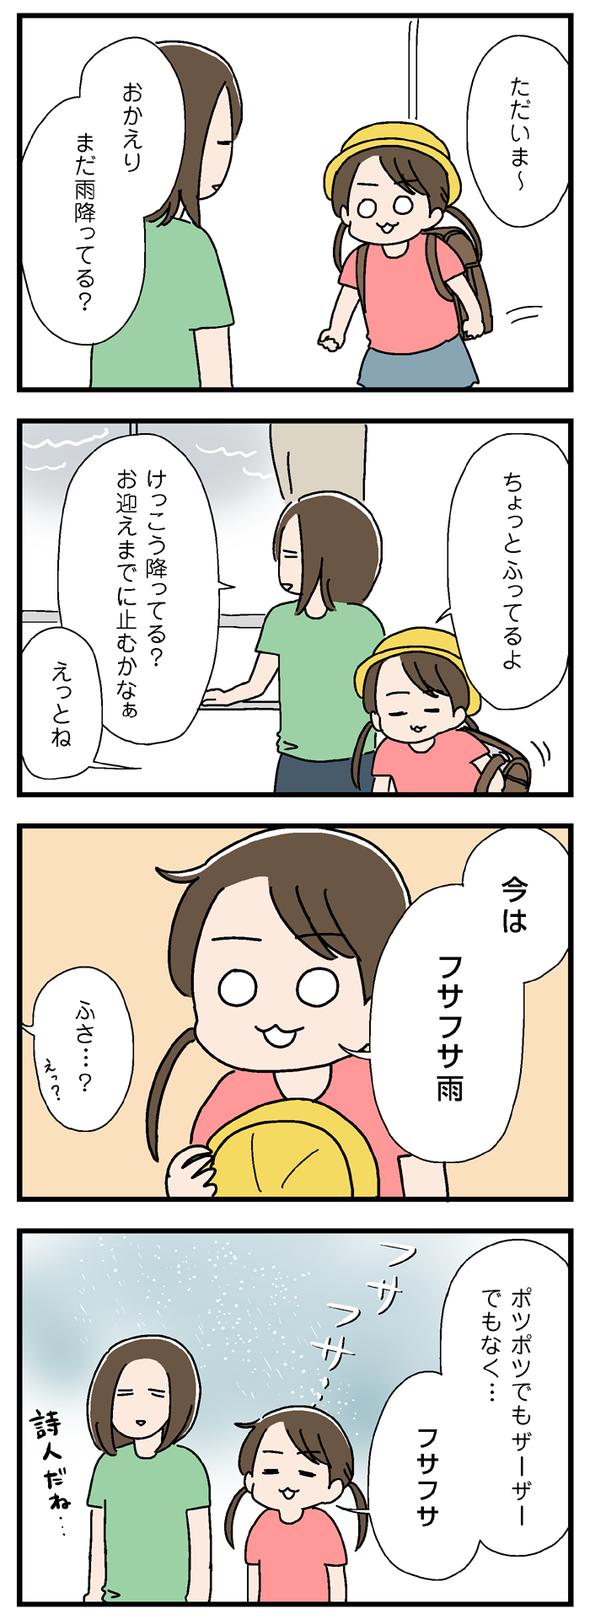 icchomae790